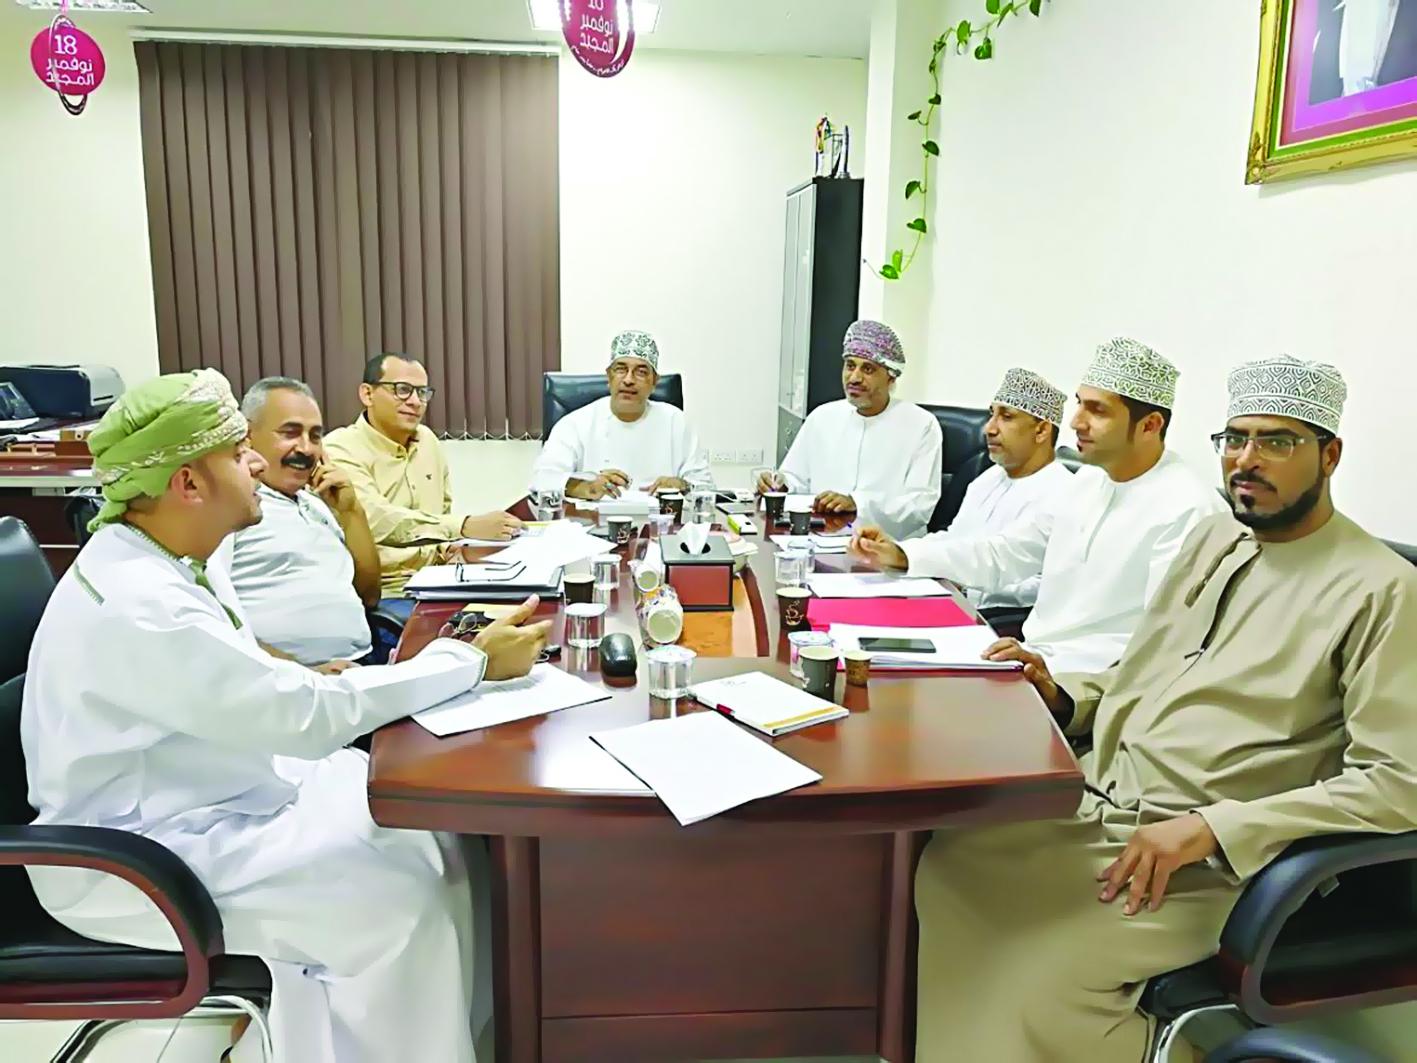 لجنة مسابقات الطائرة تحدد موعد انطلاق دوري الثانية